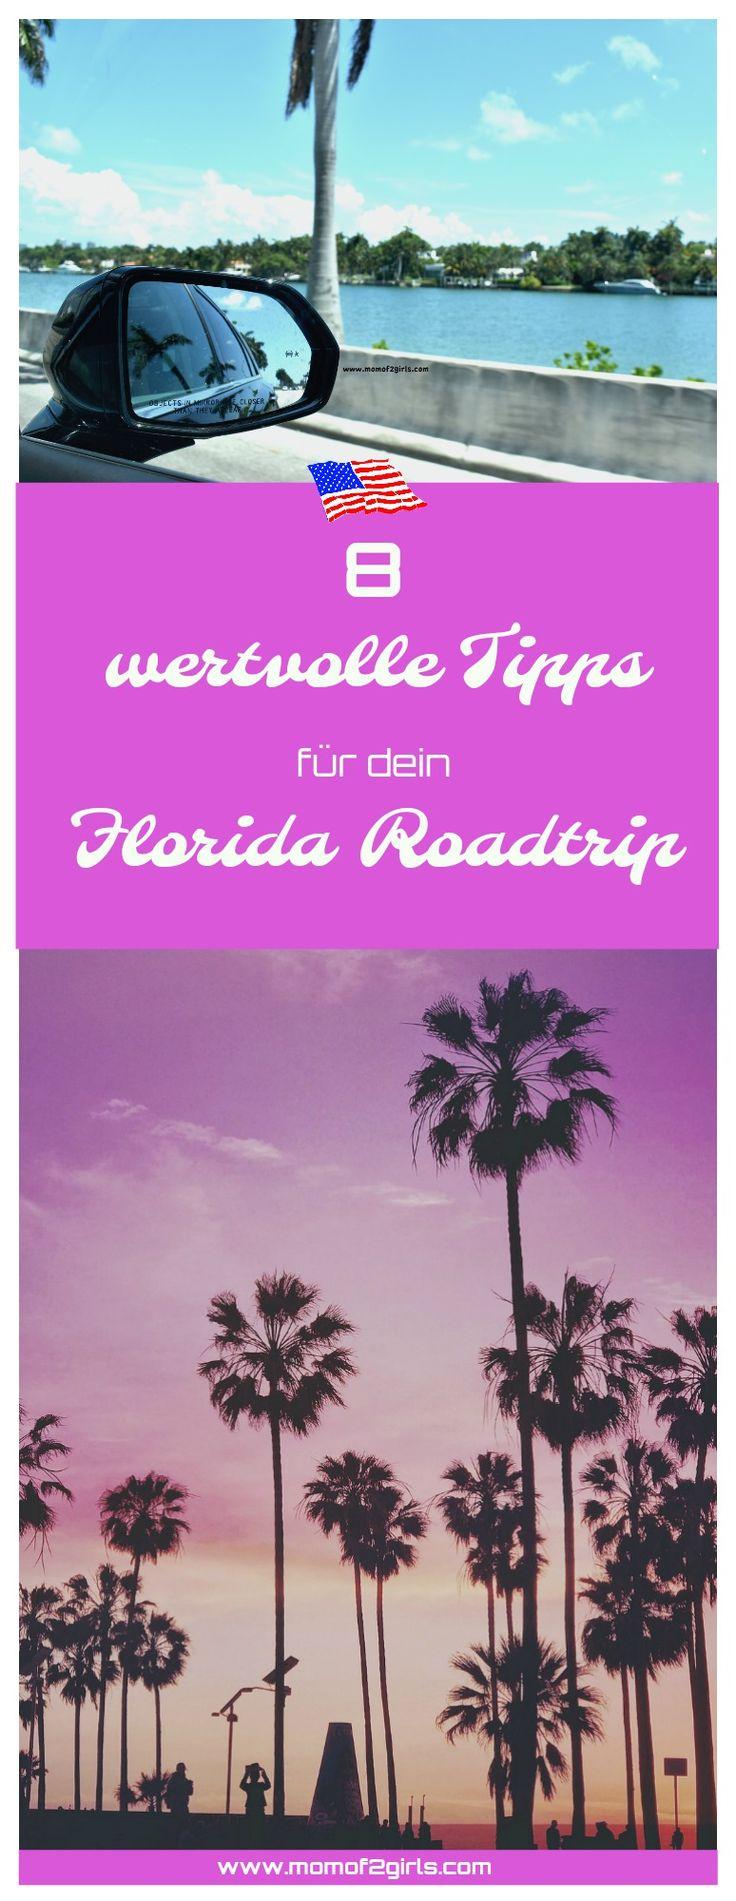 Auf unserer Florida Rundreise fahren wir in 4 Tagen von Miami über Miami Beach auf die Florida Keys nach Key West! Die karibische Atmosphäre, der extravaganter Lifestyle und die gigantische Natur der Florida Keys hat uns fasziniert!